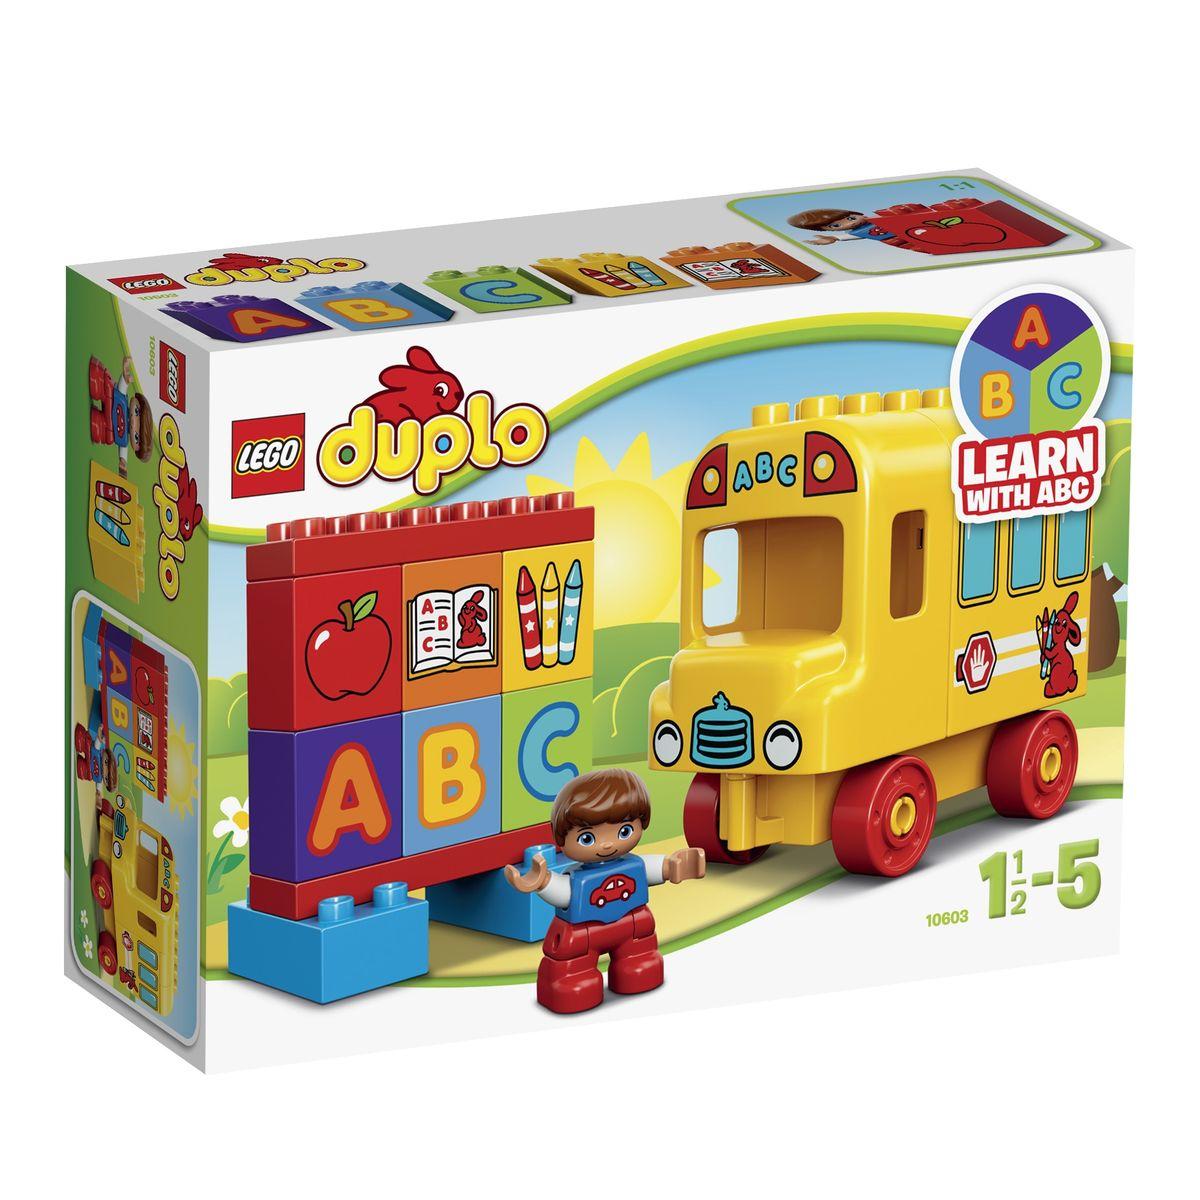 LEGO DUPLO Конструктор Мой первый автобус 1060310603Школьный автобус из набора LEGO DUPLO обязательно понравится всем юным конструкторам! Его ярко-желтый корпус очень прост в сборке, а закругленные детали крыши и стен идеально подходят для маленьких детских ладошек. В передней части автобуса видна просторная кабина водителя с наклейками в виде решетки радиатора и круглых фар. За кабиной располагается салон с большими голубыми окнами и открывающейся задней дверкой. При желании внутрь салона можно сложить кубики с изображениями букв или школьных предметов. В наборе присутствует фигурка ученика и 6 обучающих кубиков с изображением букв, карандашей, тетради и яблока. С их помощью можно изучать цвета, а также разыгрывать познавательные и веселые сценки. Игра с конструктором LEGO развивает мелкую моторику ребенка, фантазию и воображение, учит его усидчивости и внимательности. Рекомендуемый возраст: от 1,5 до 5 лет.